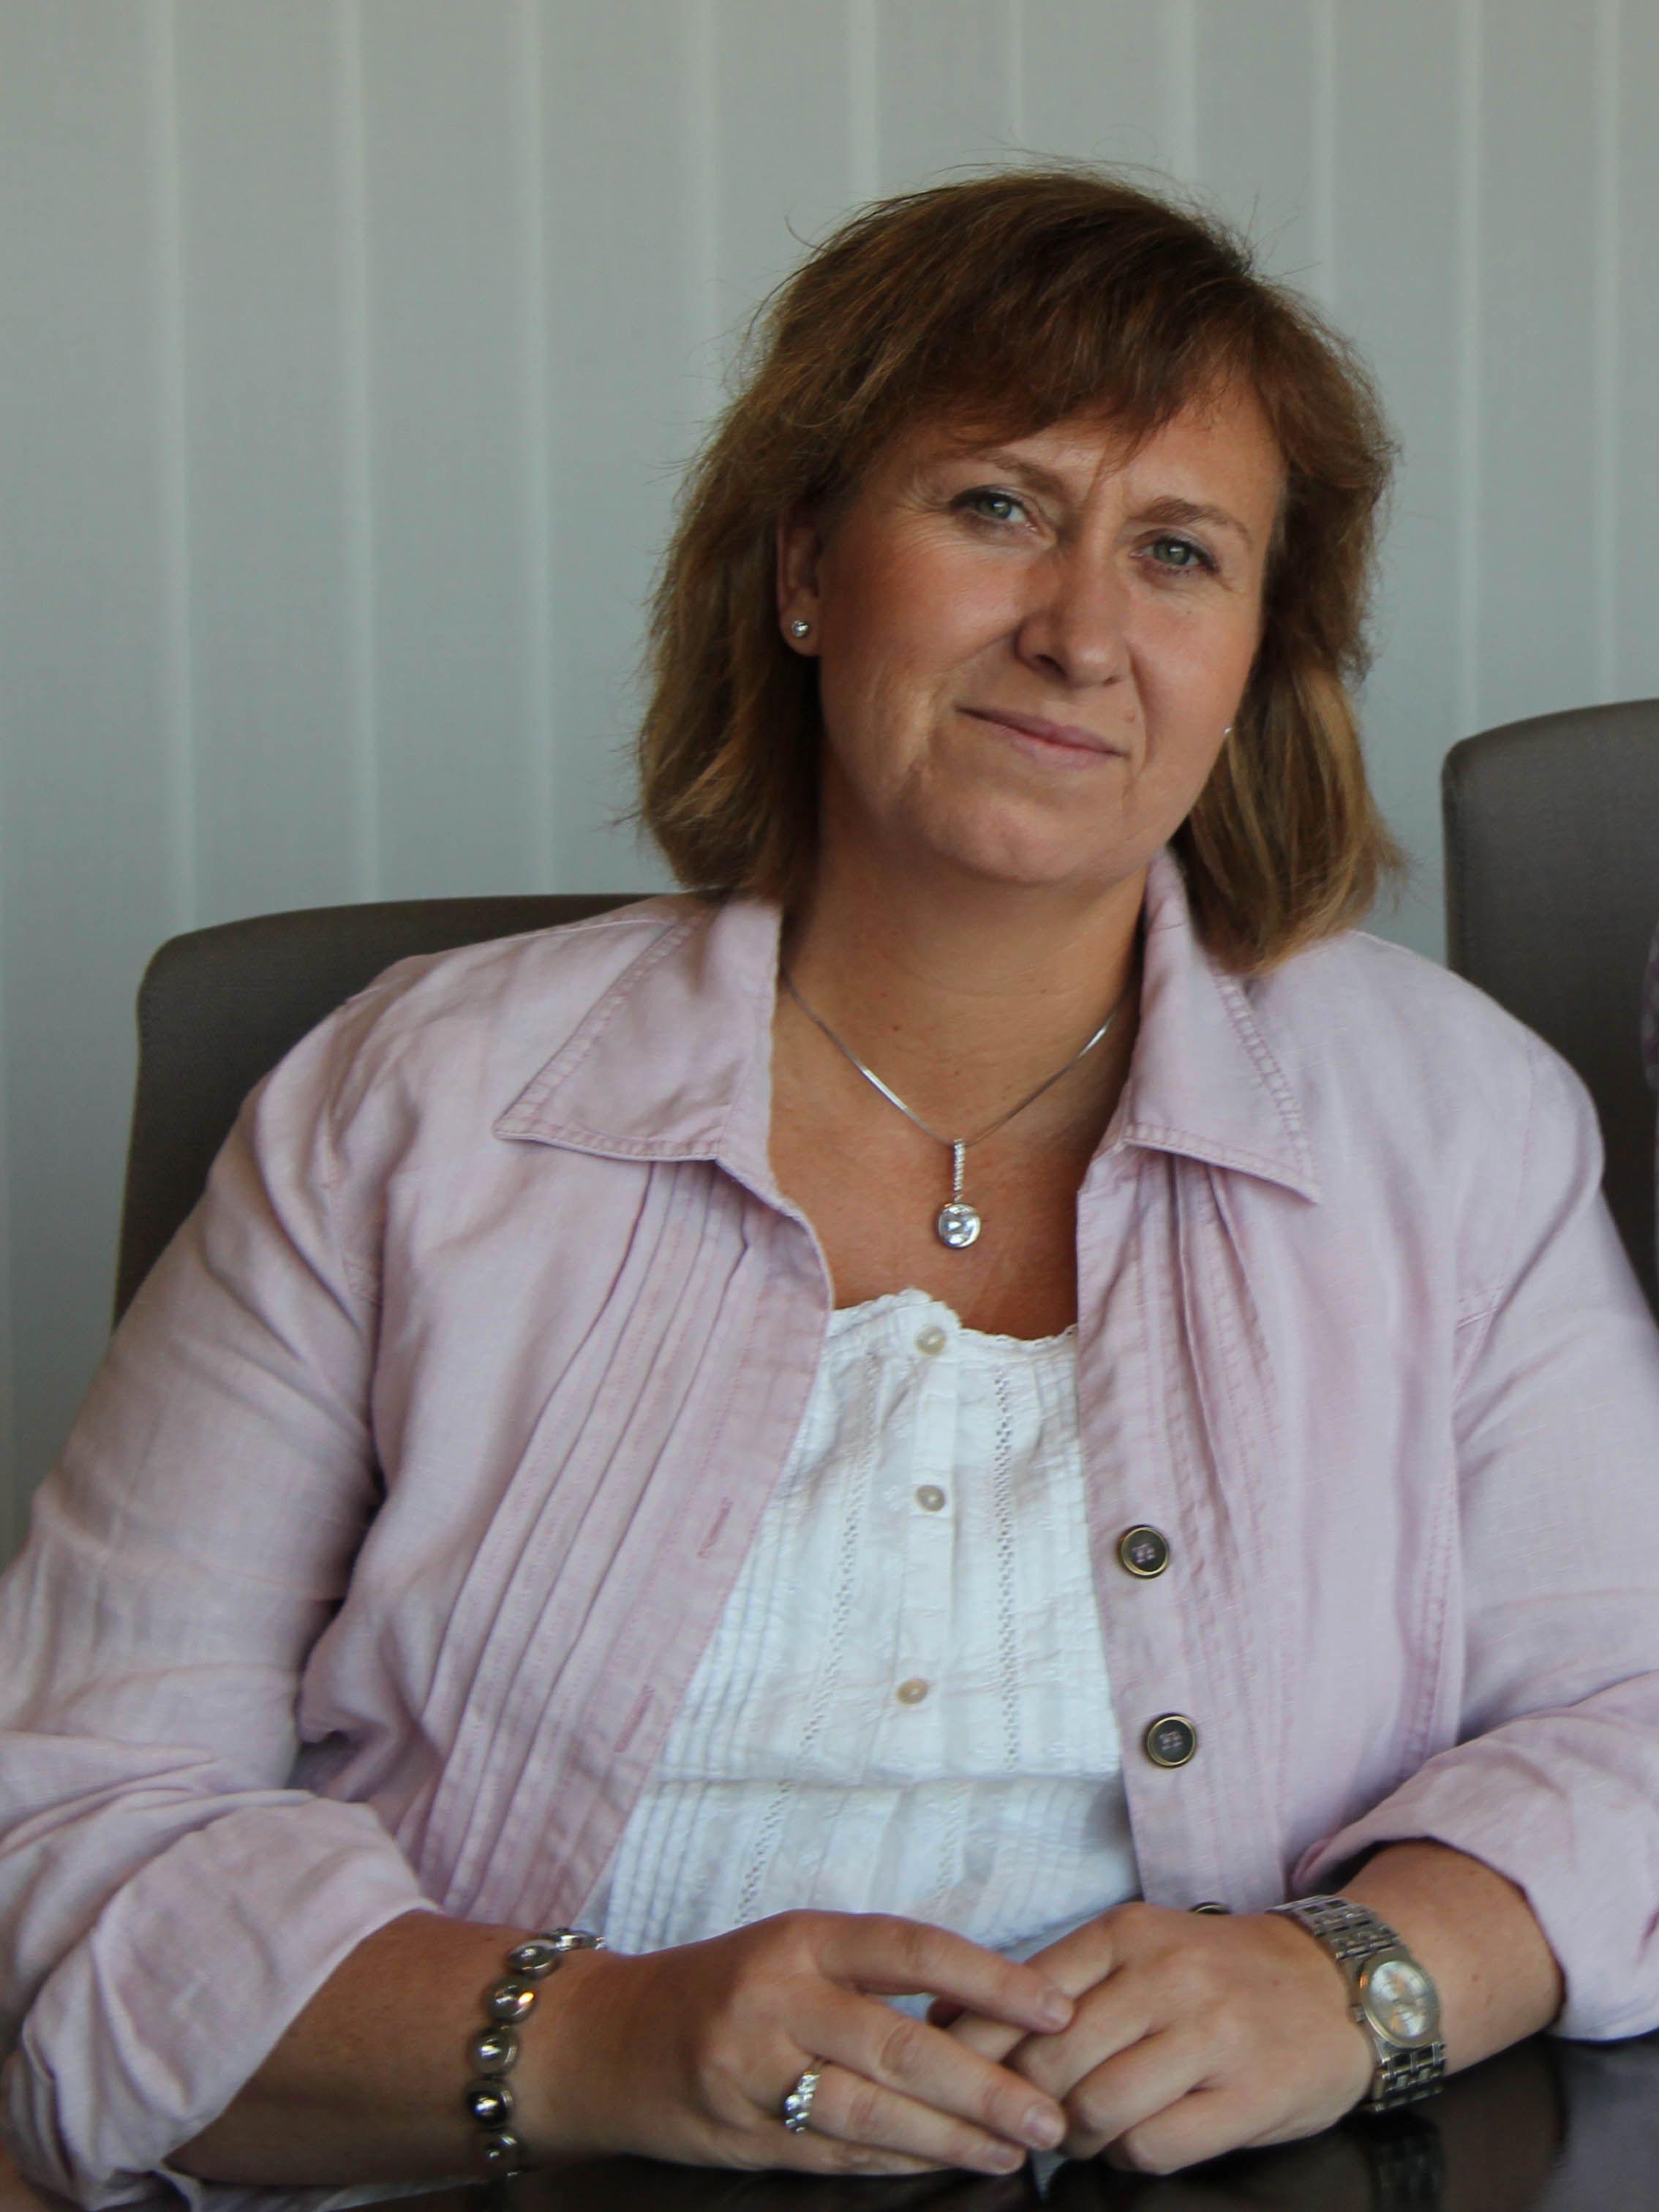 Et anerkjent universitet med godt rykte er langt fra noen ulempe, sier Christine Langbråthen i Computas.Foto: Atle Skretting